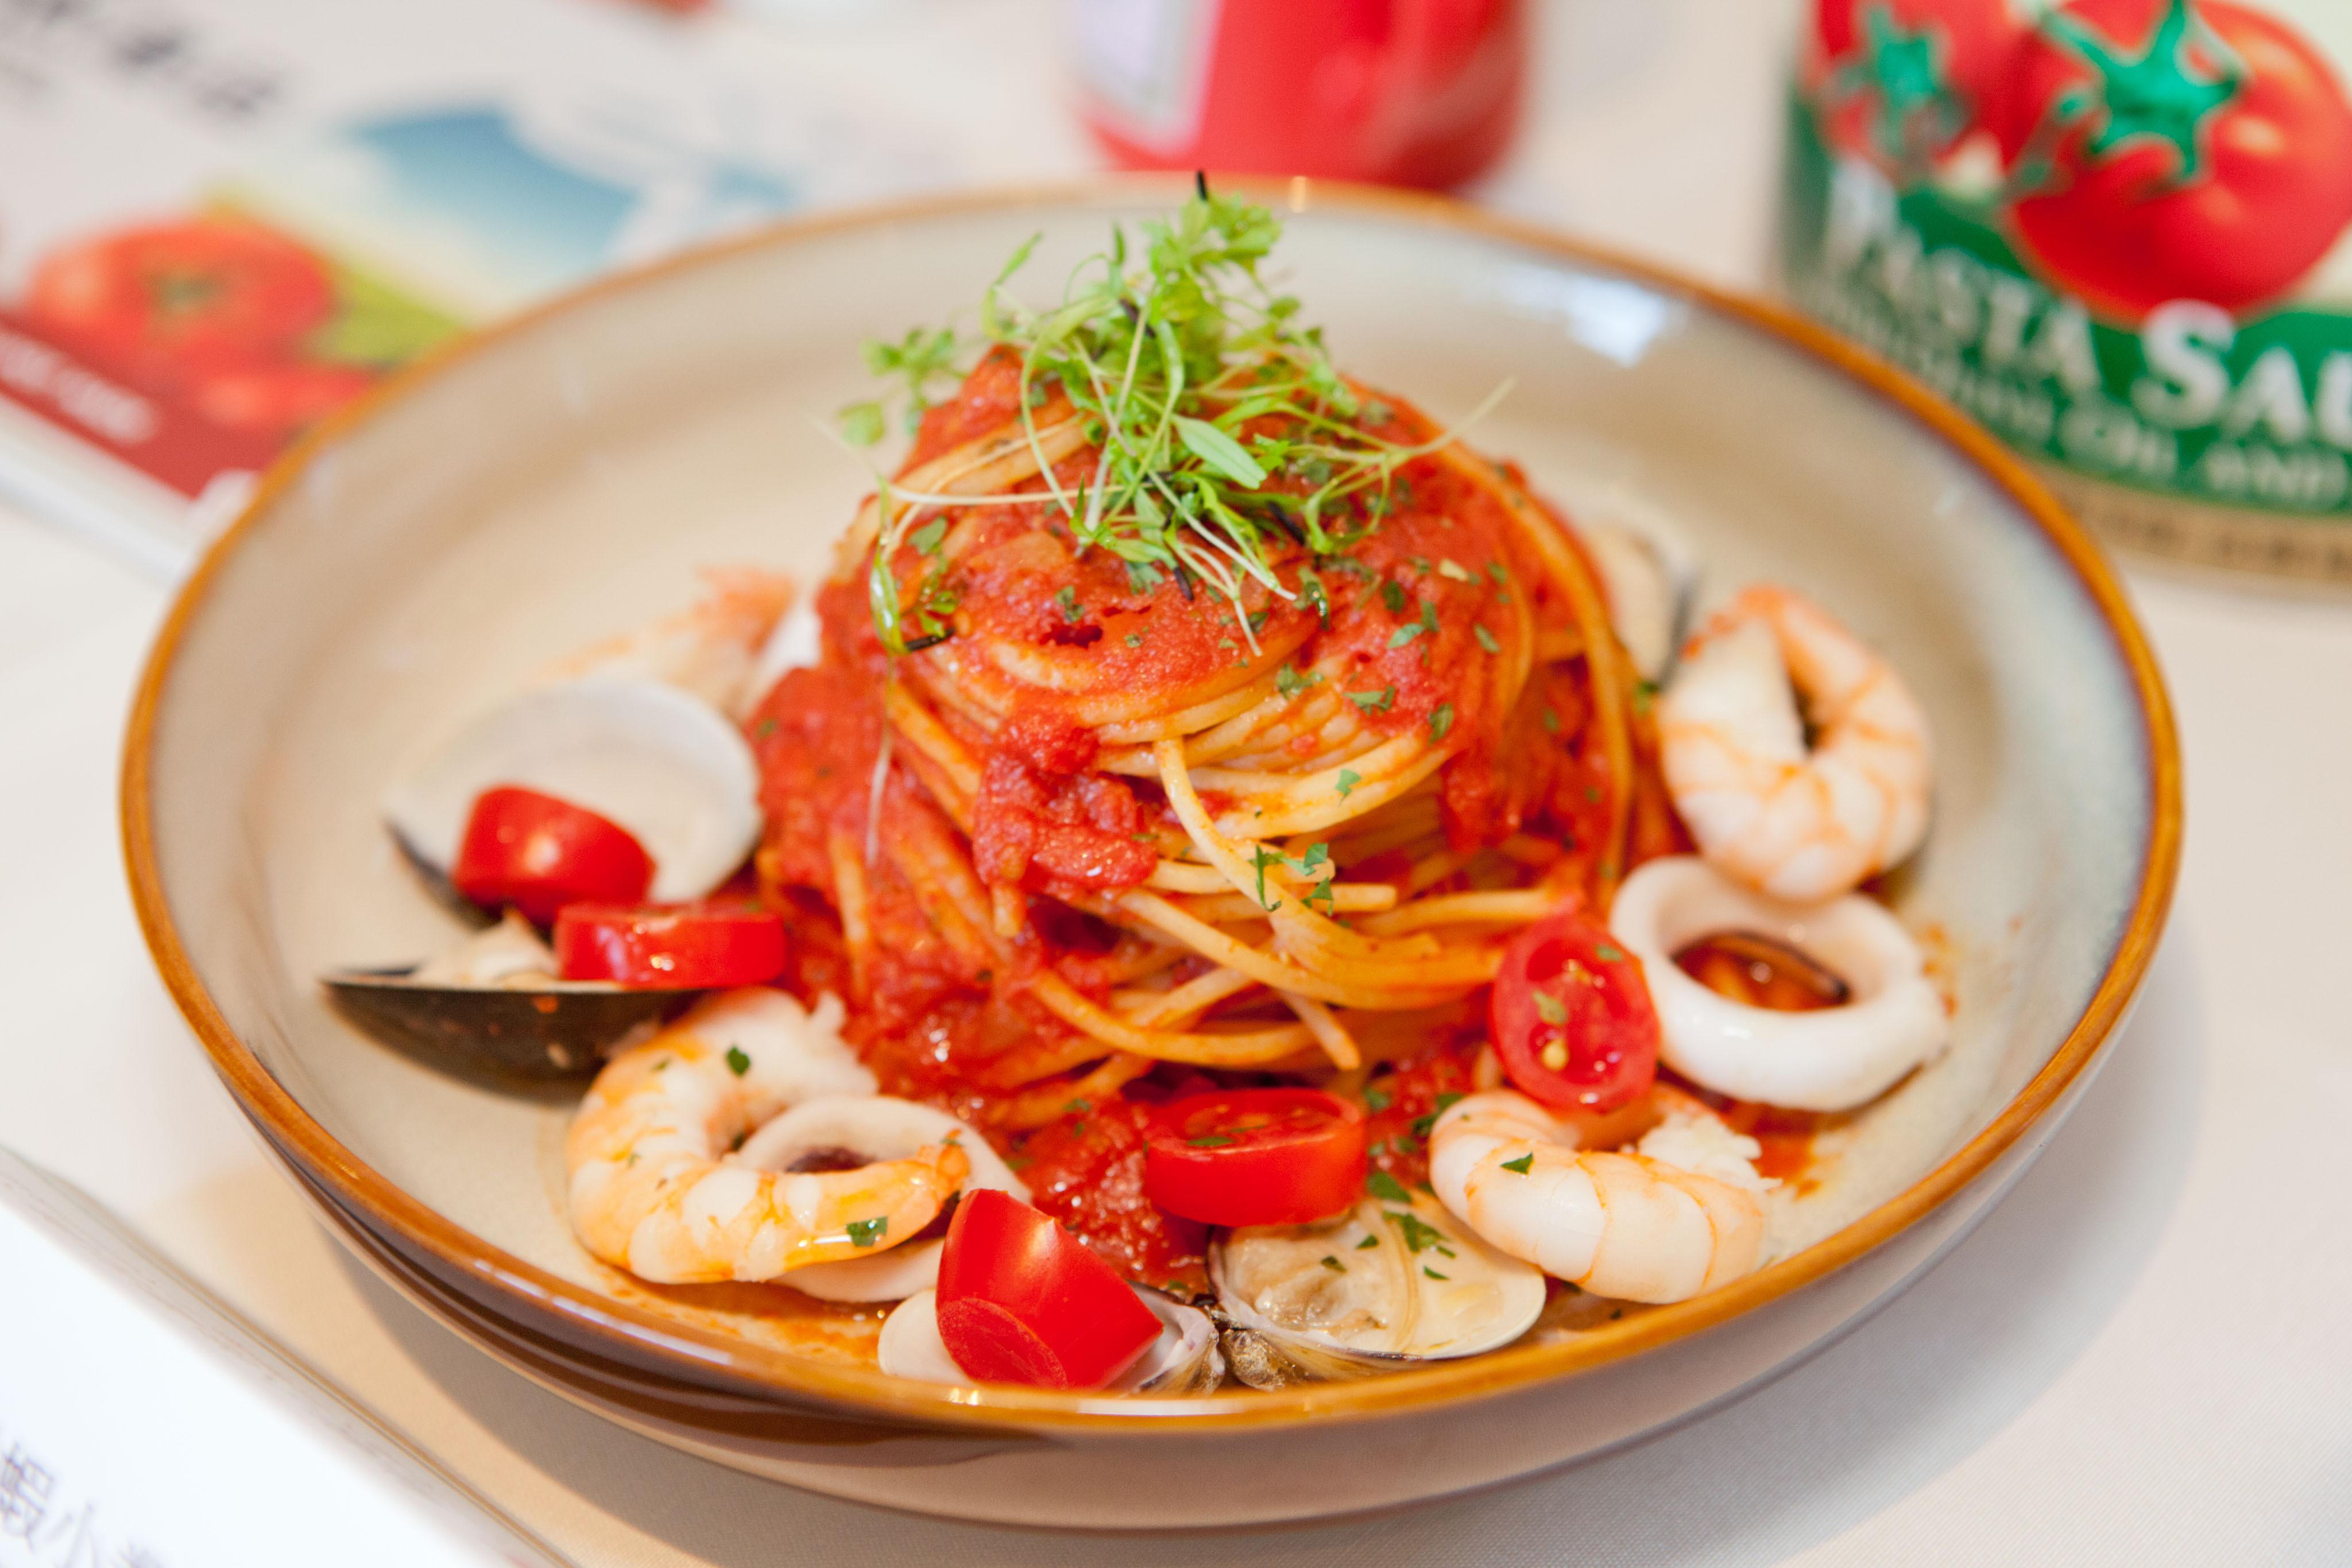 亨氏鮮蝦小卷番茄義大利麵